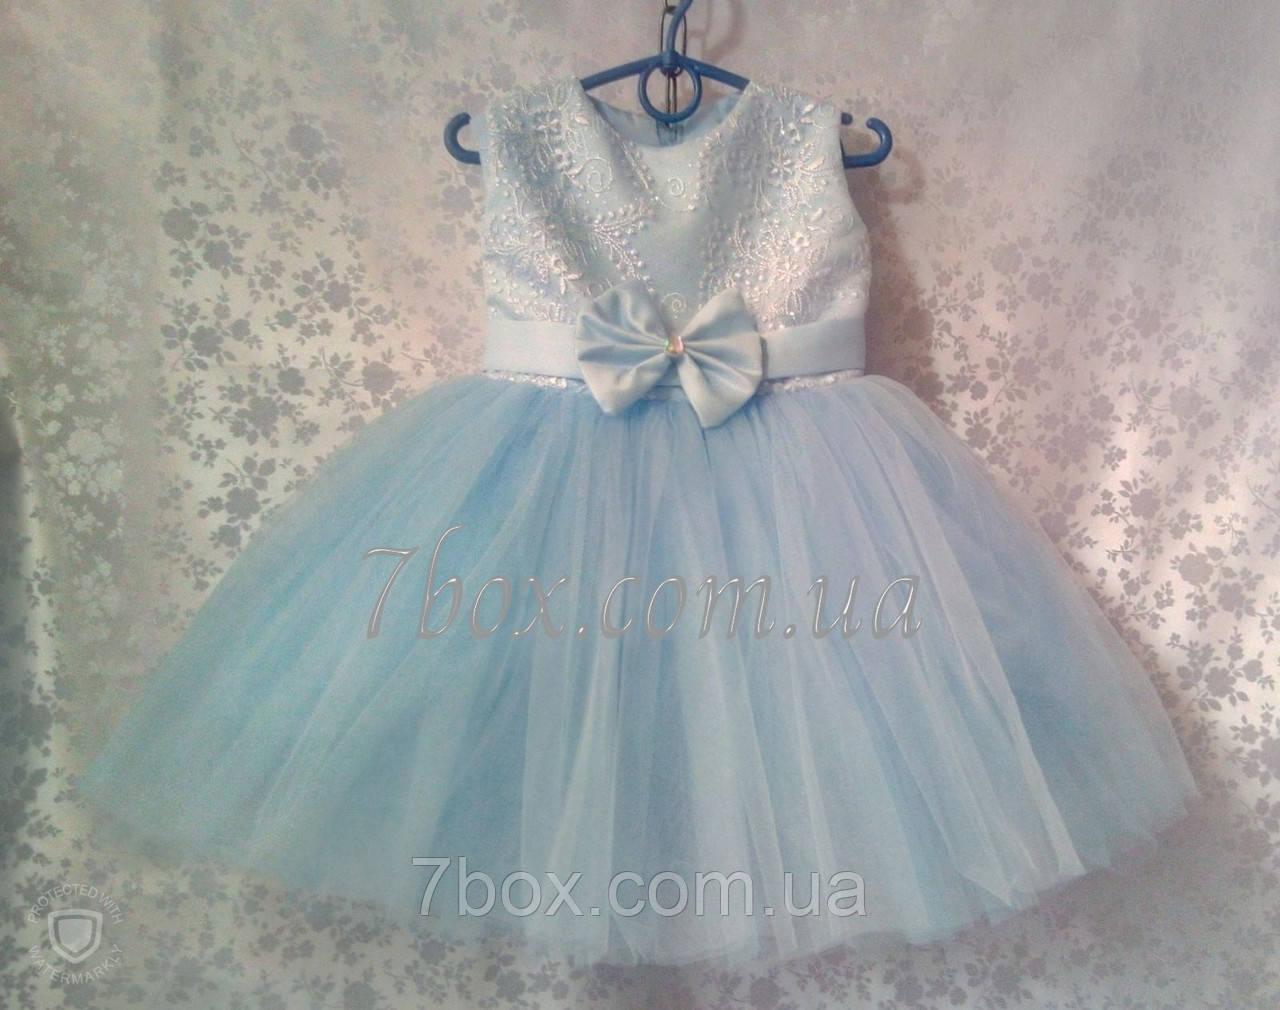 """Детское платье бальное 2-3 года """"Ева"""" голубое . Опт и Розница"""